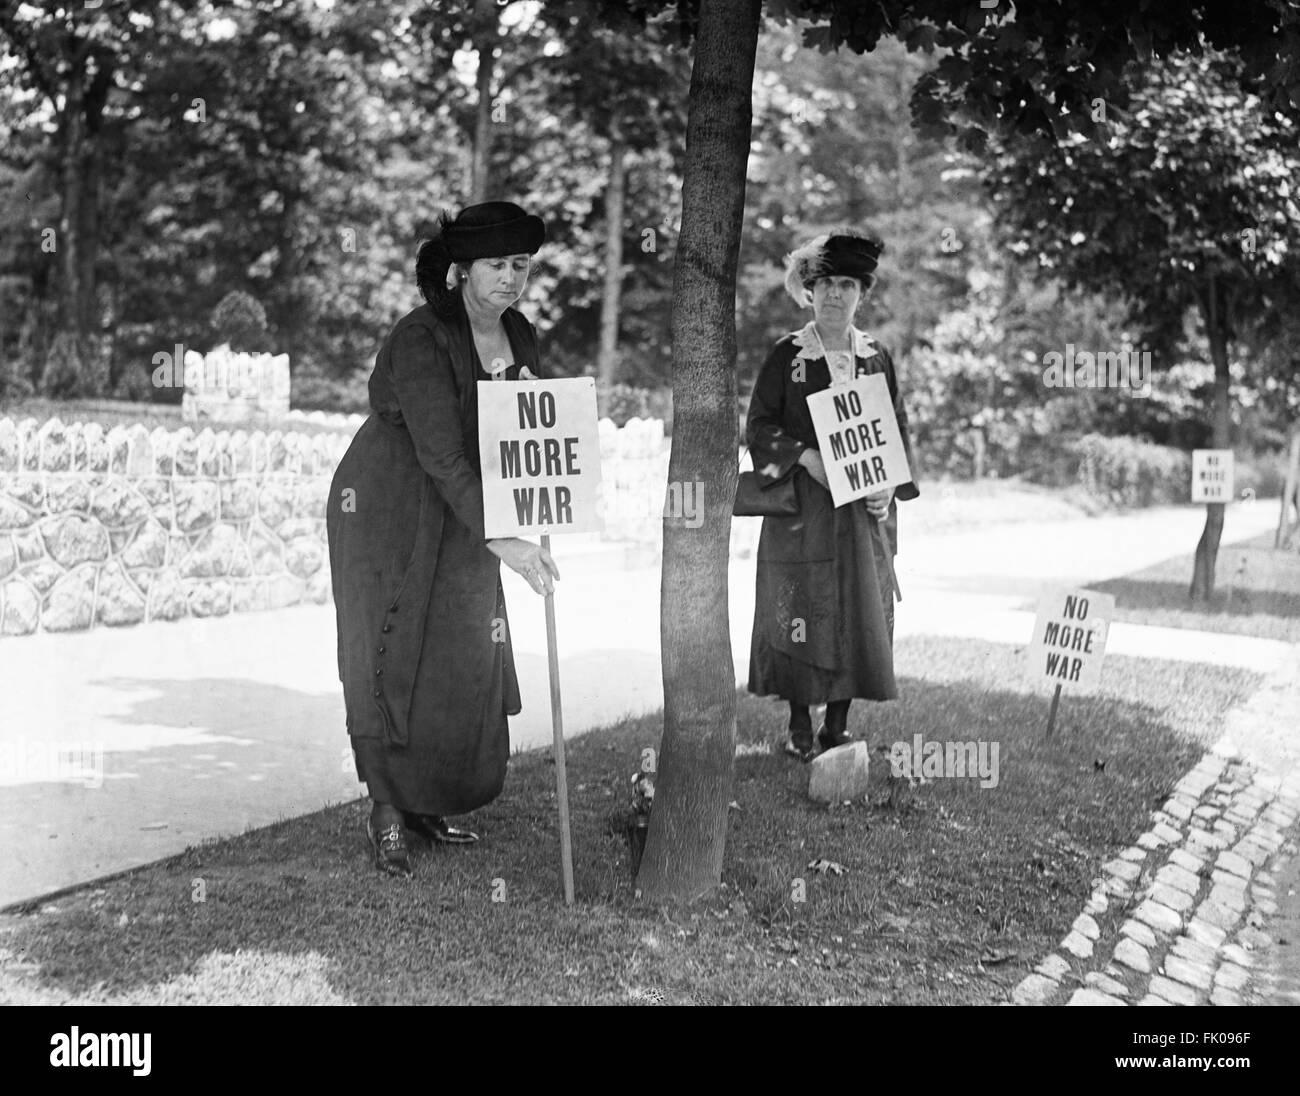 """Am Straßenrand Streikposten mit Schildern """"Nie wieder Krieg"""", USA, 1922 Stockbild"""